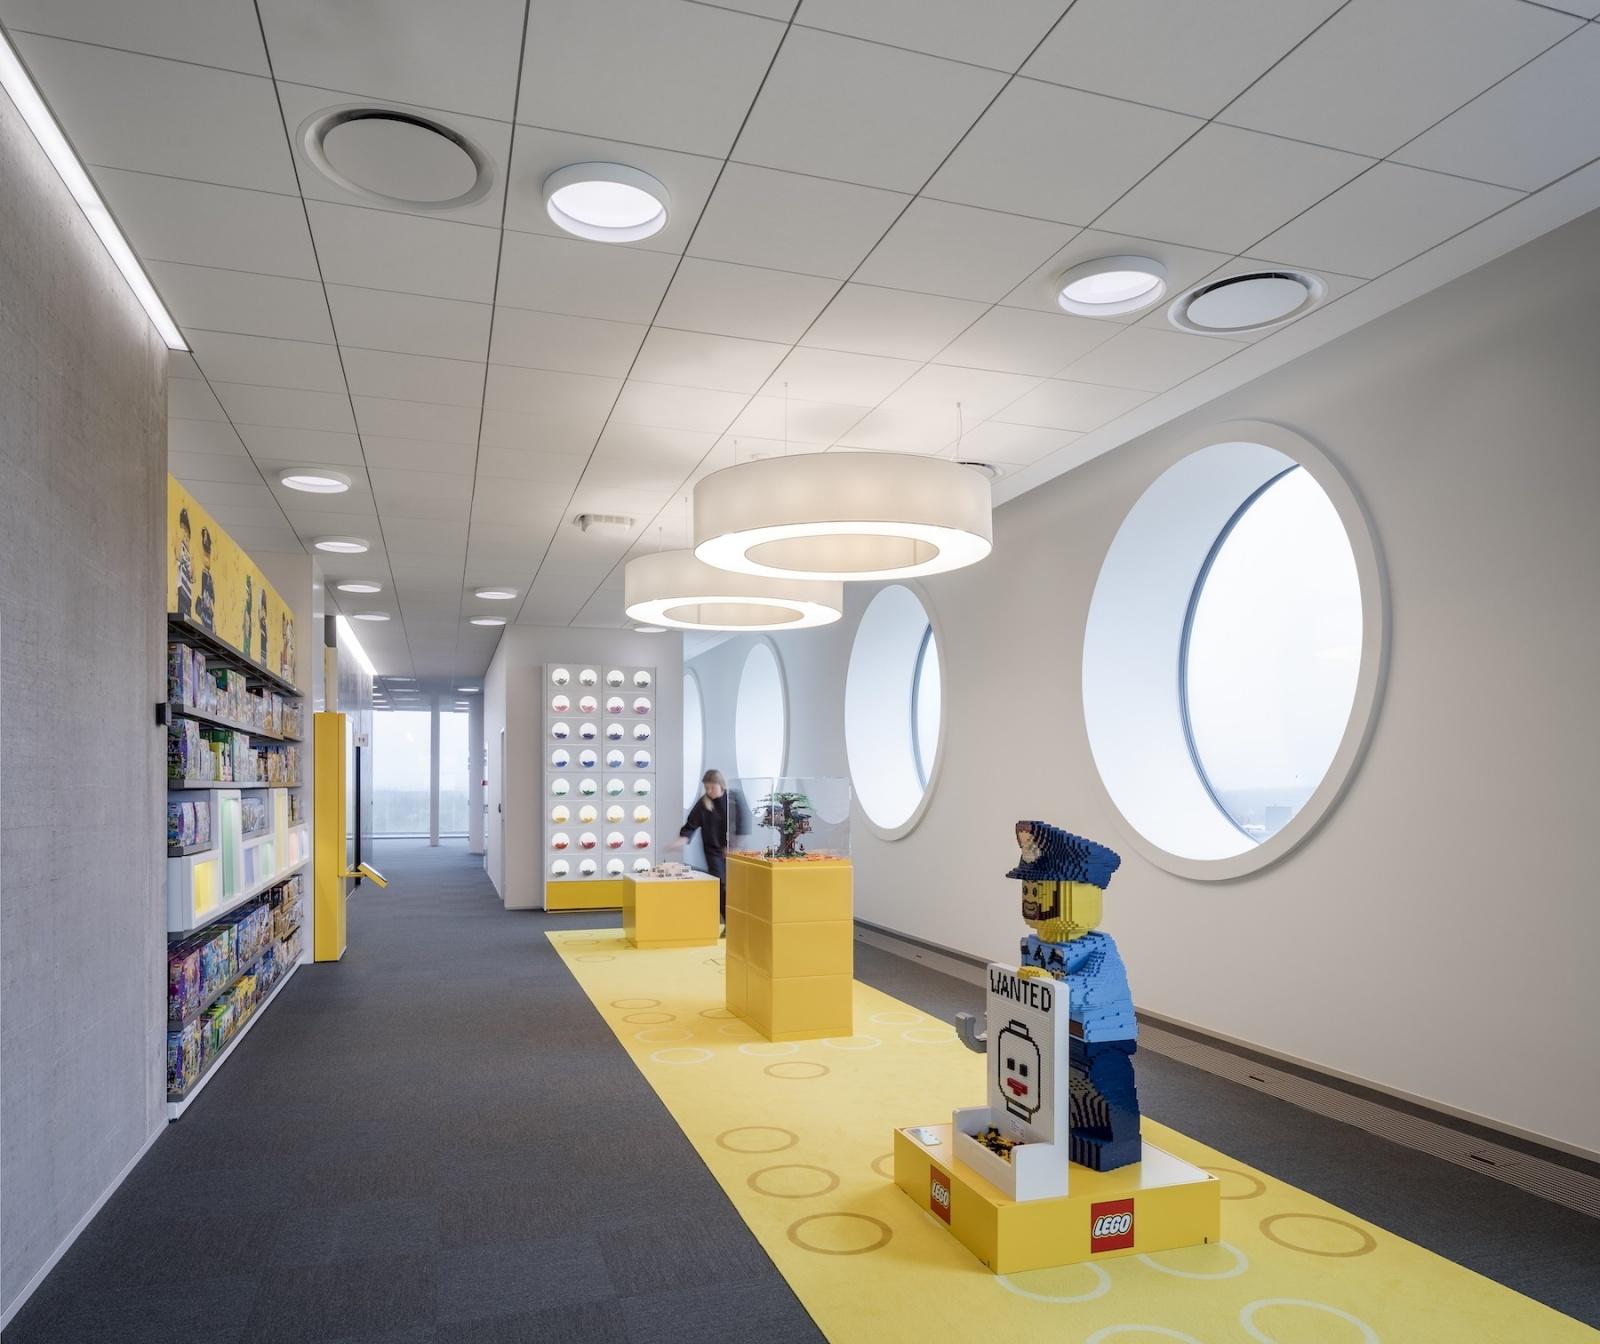 Компания Lego открыла новый кампус с солнечными панелями